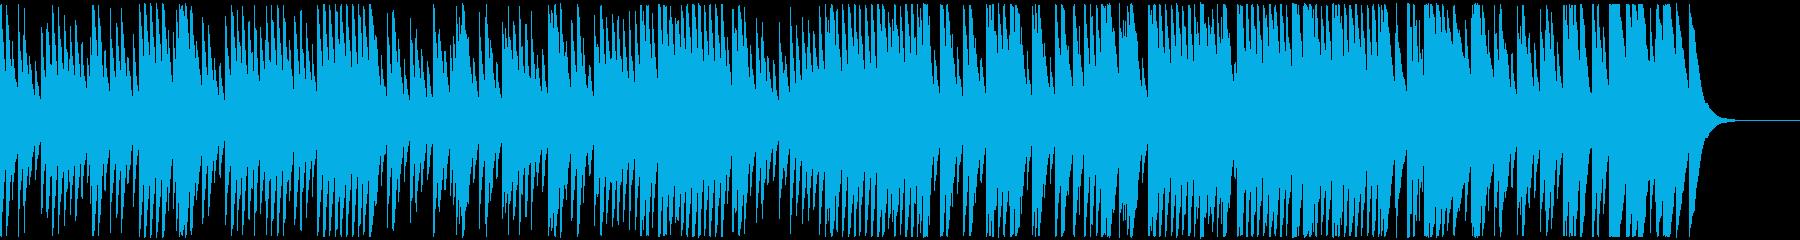 8bit音源の切ないバラード曲(桜逢瀬)の再生済みの波形